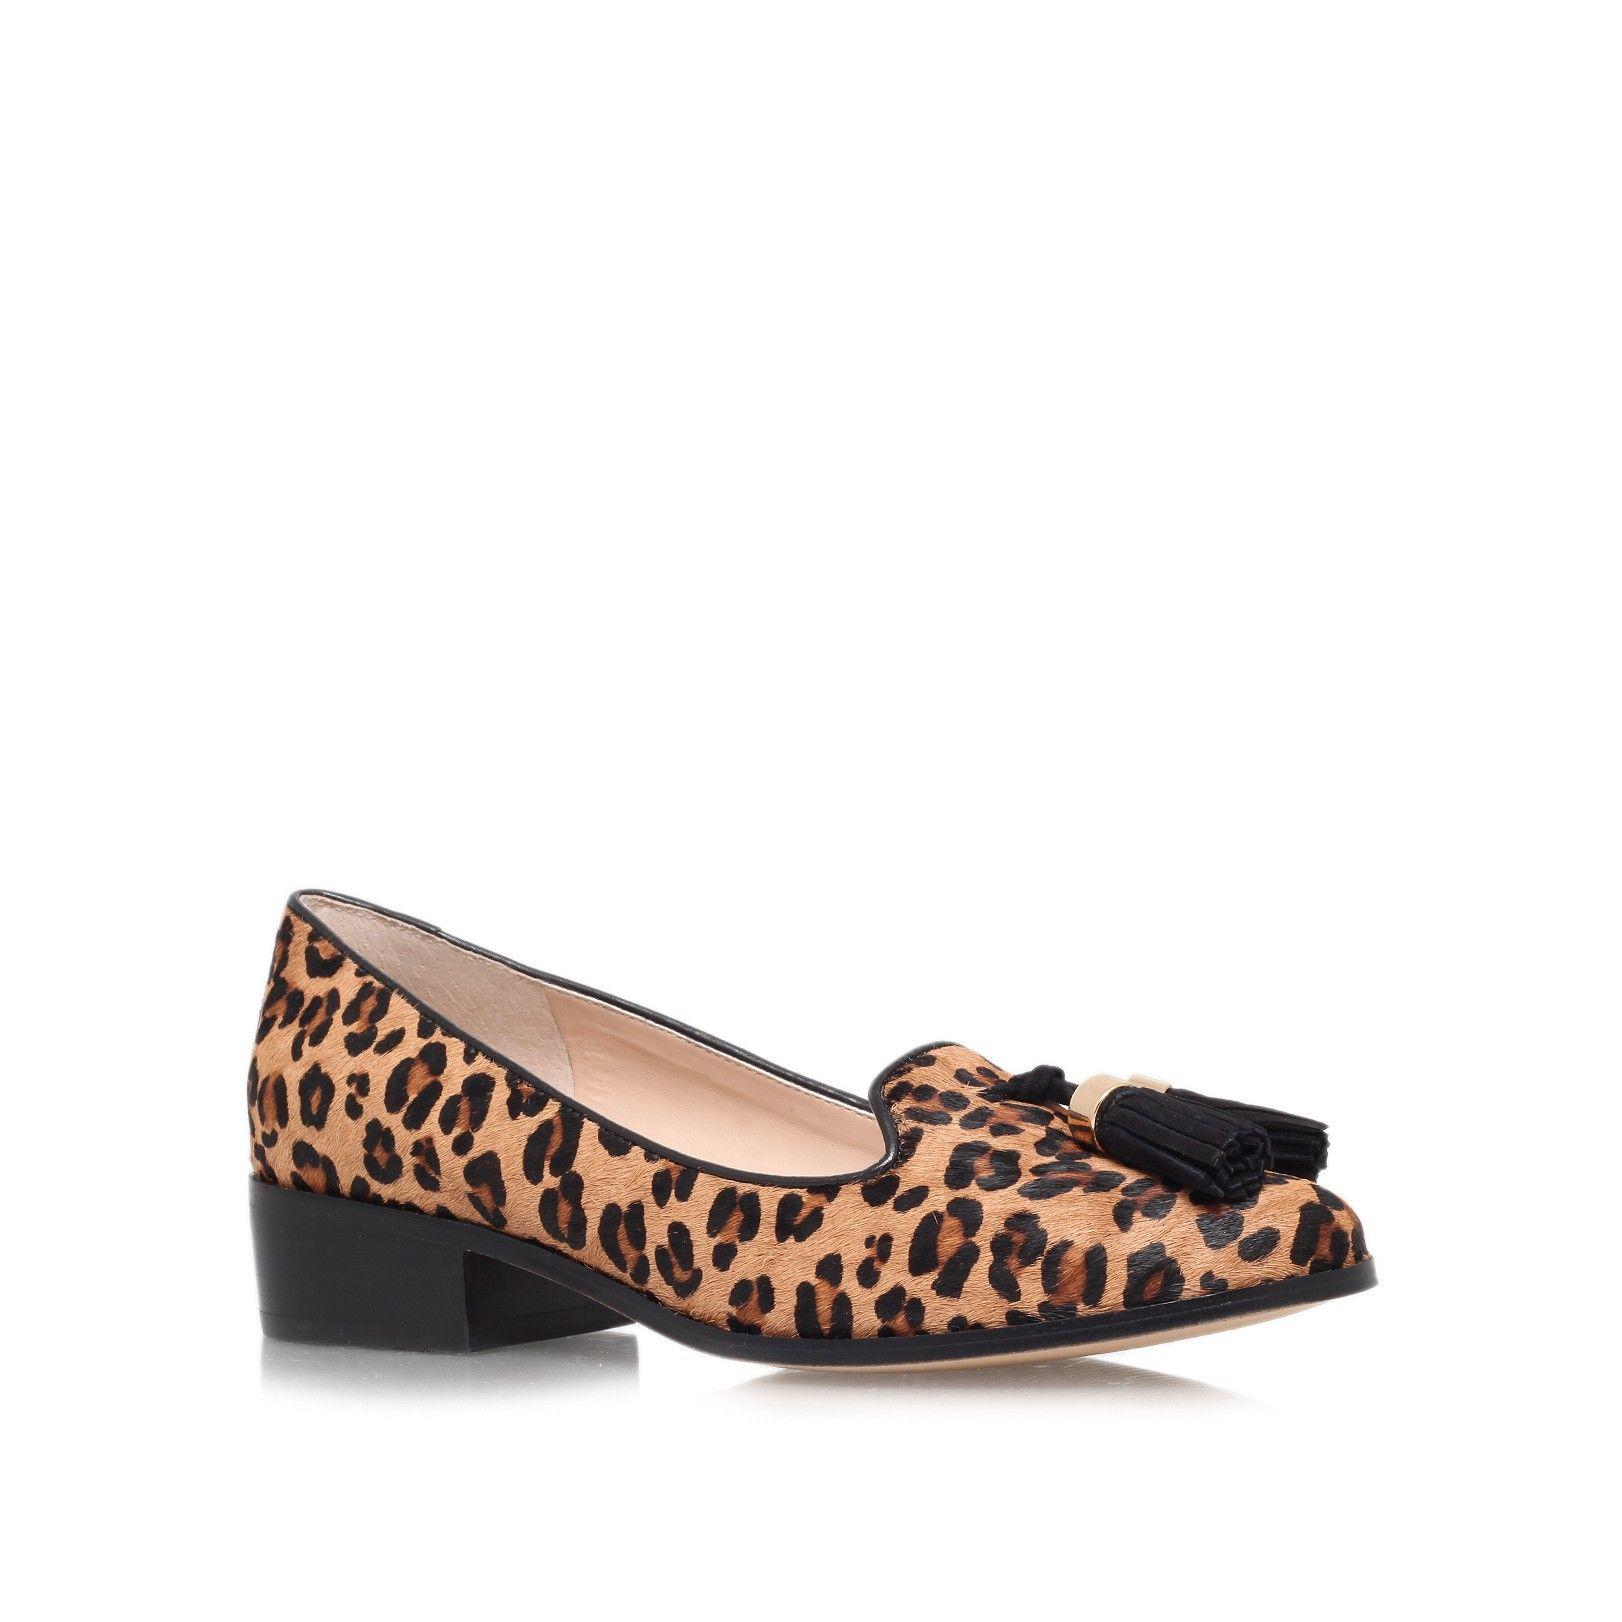 laura beige shoe by carvela kurt geiger  women